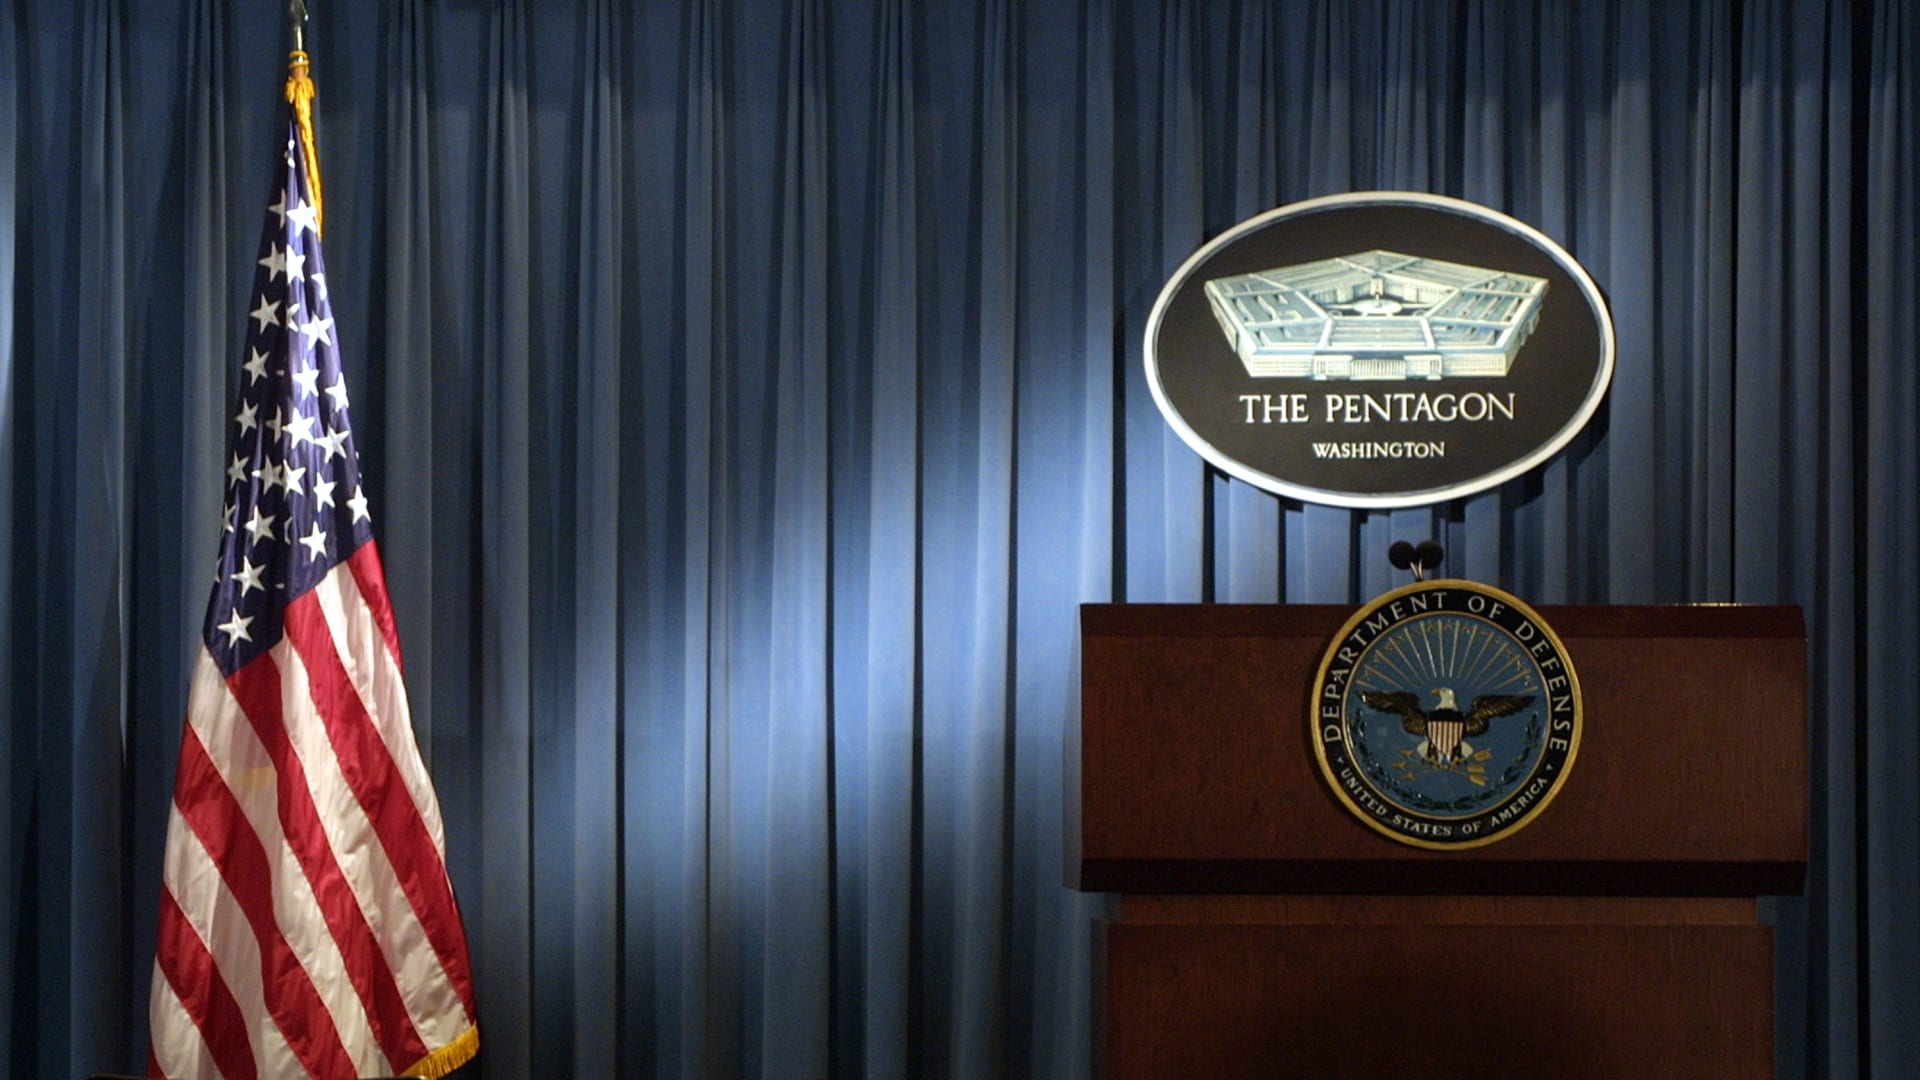 إغلاق مبنى وزارة الدفاع الأمريكية بسبب تقرير عن حادثة إطلاق نار في محيطه